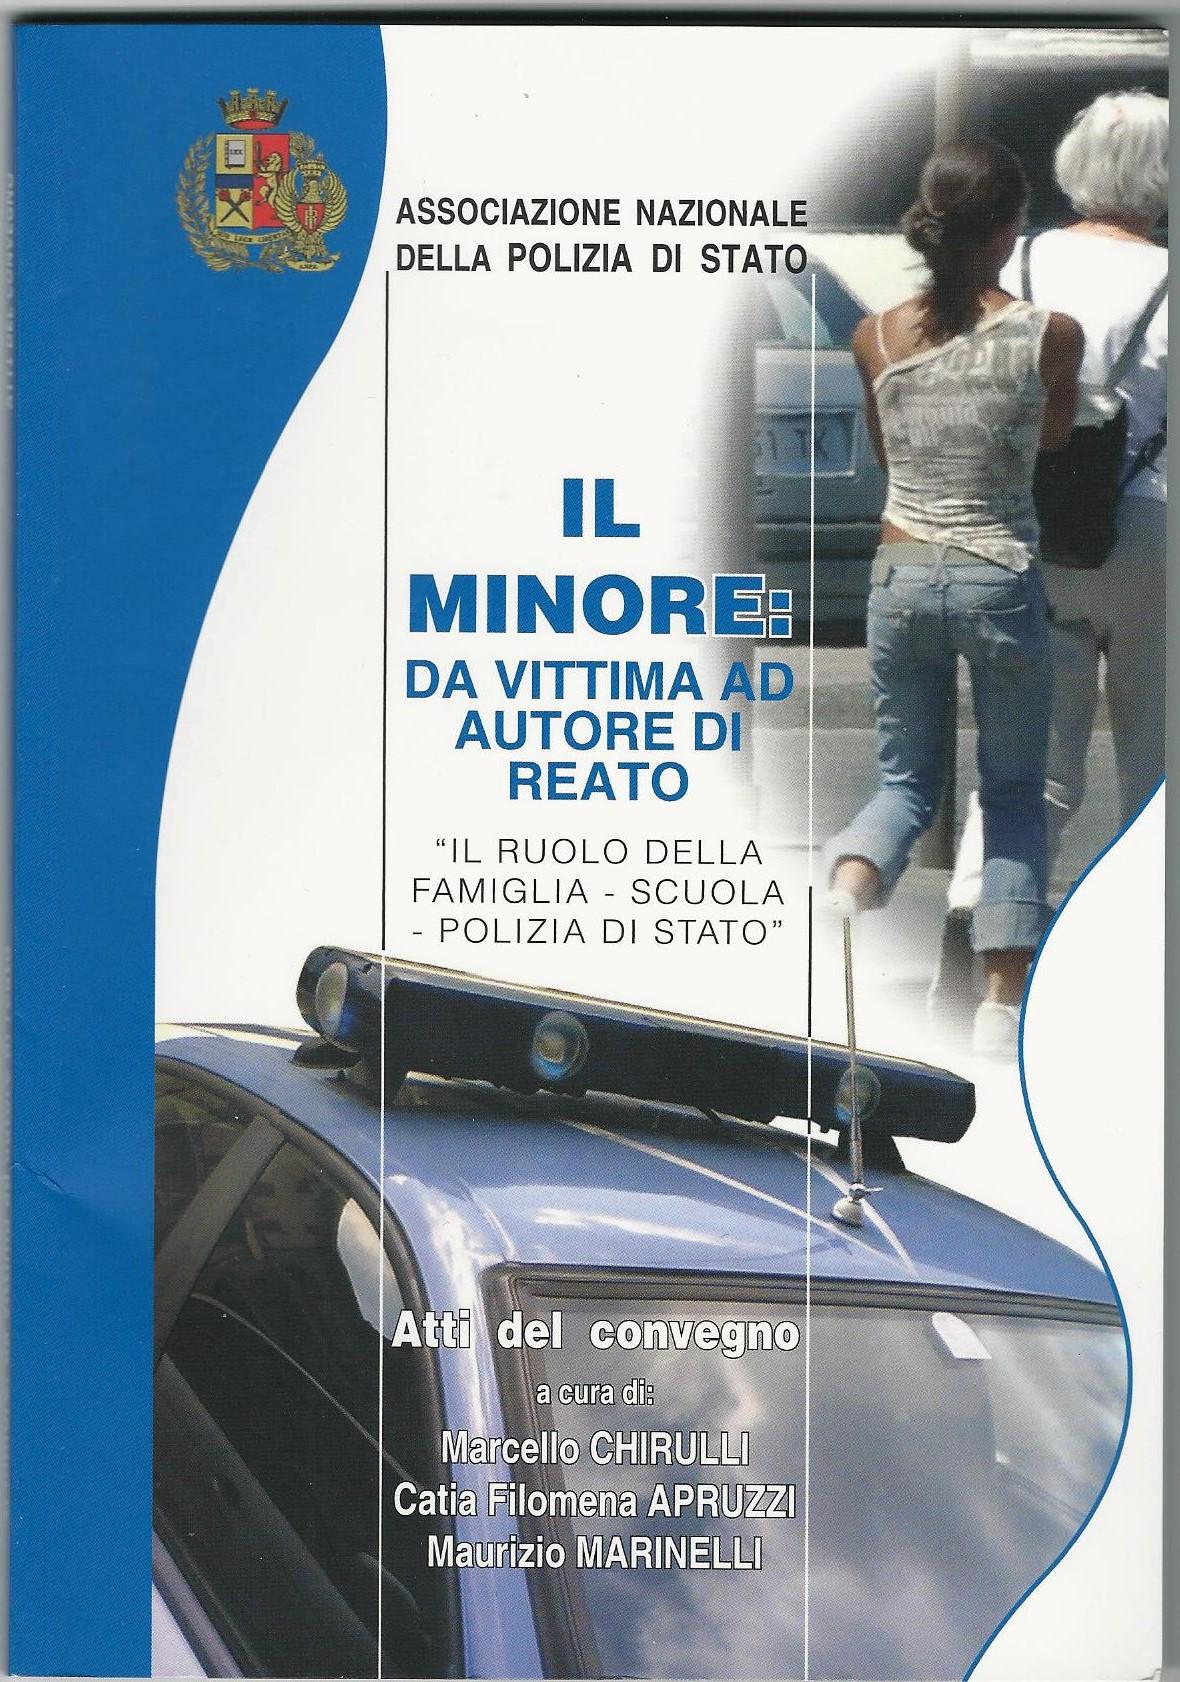 IL-MINORE-DA-VITTIMA-AD-AUTORE-DI-REATO